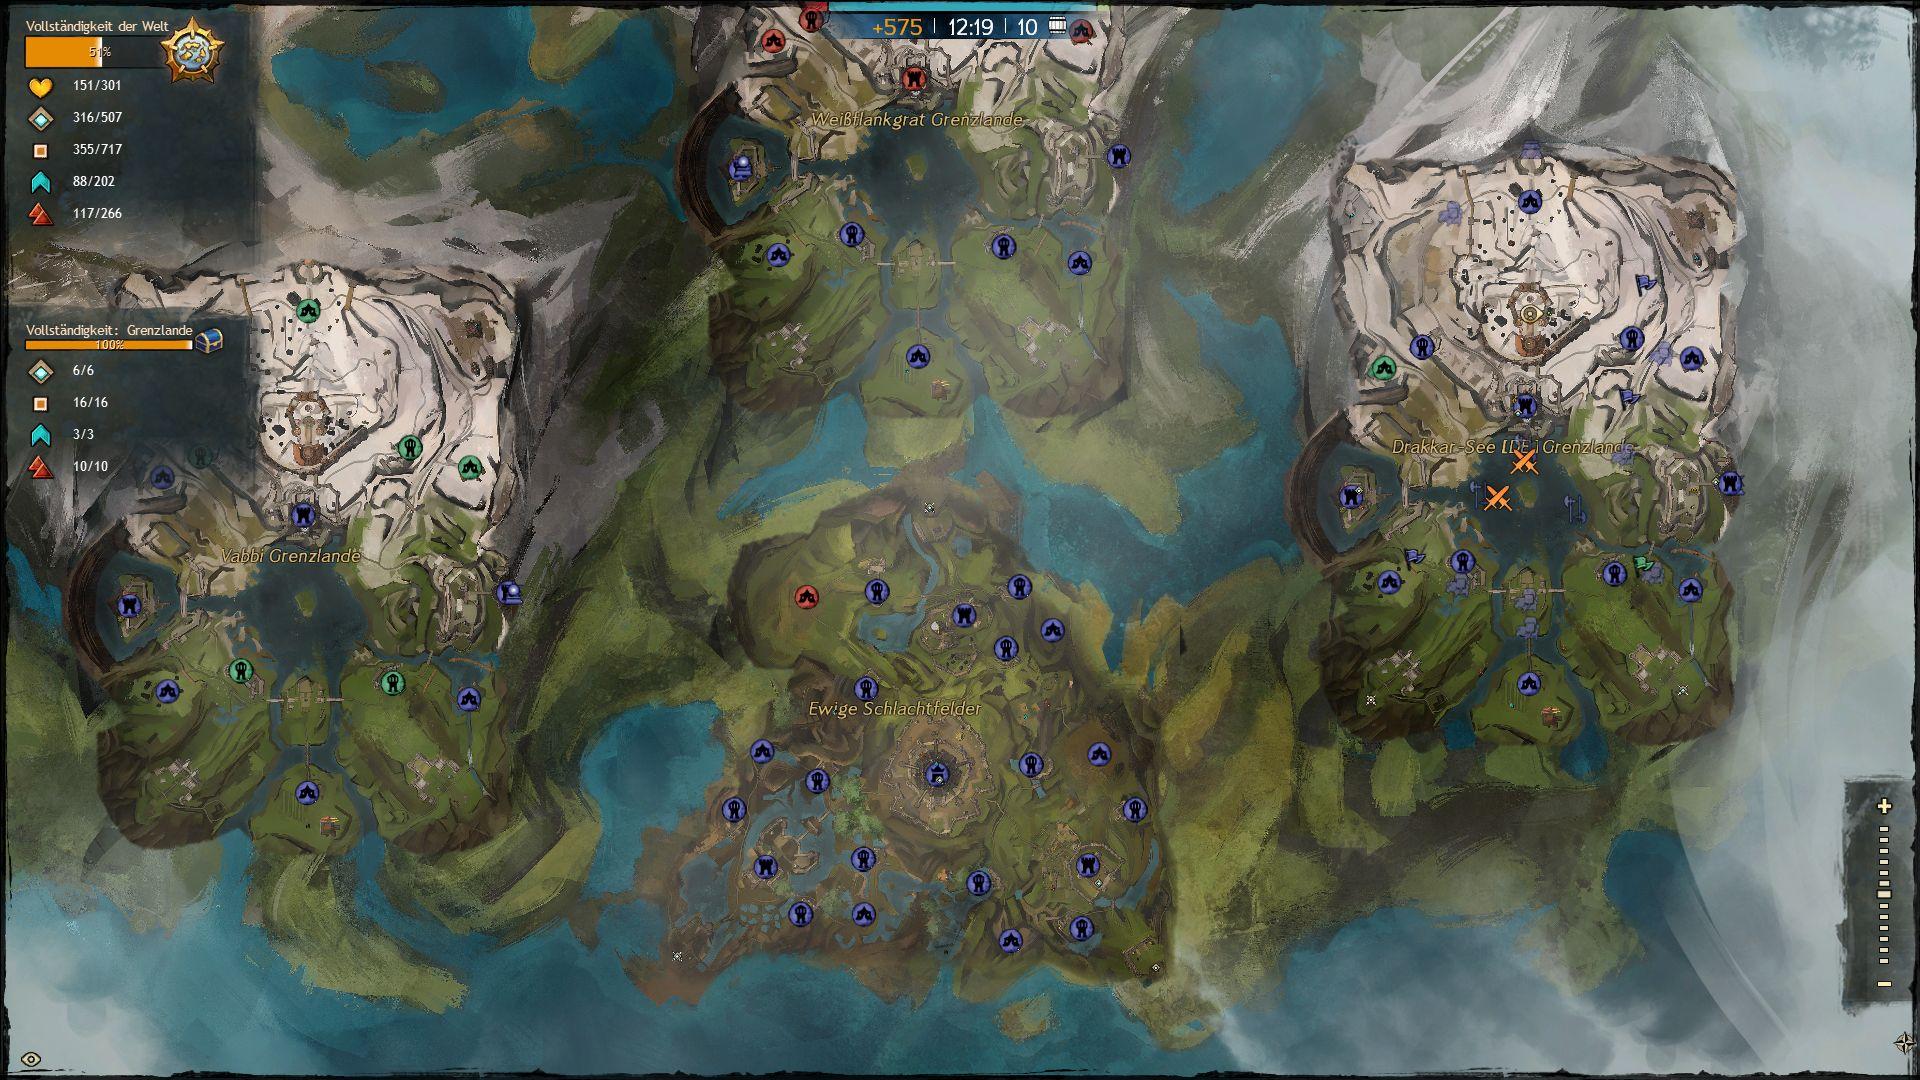 Gw2 Karte.Guild Wars 2 Test Guild Wars 2 3 Welten Pvp Langzeit Faktor